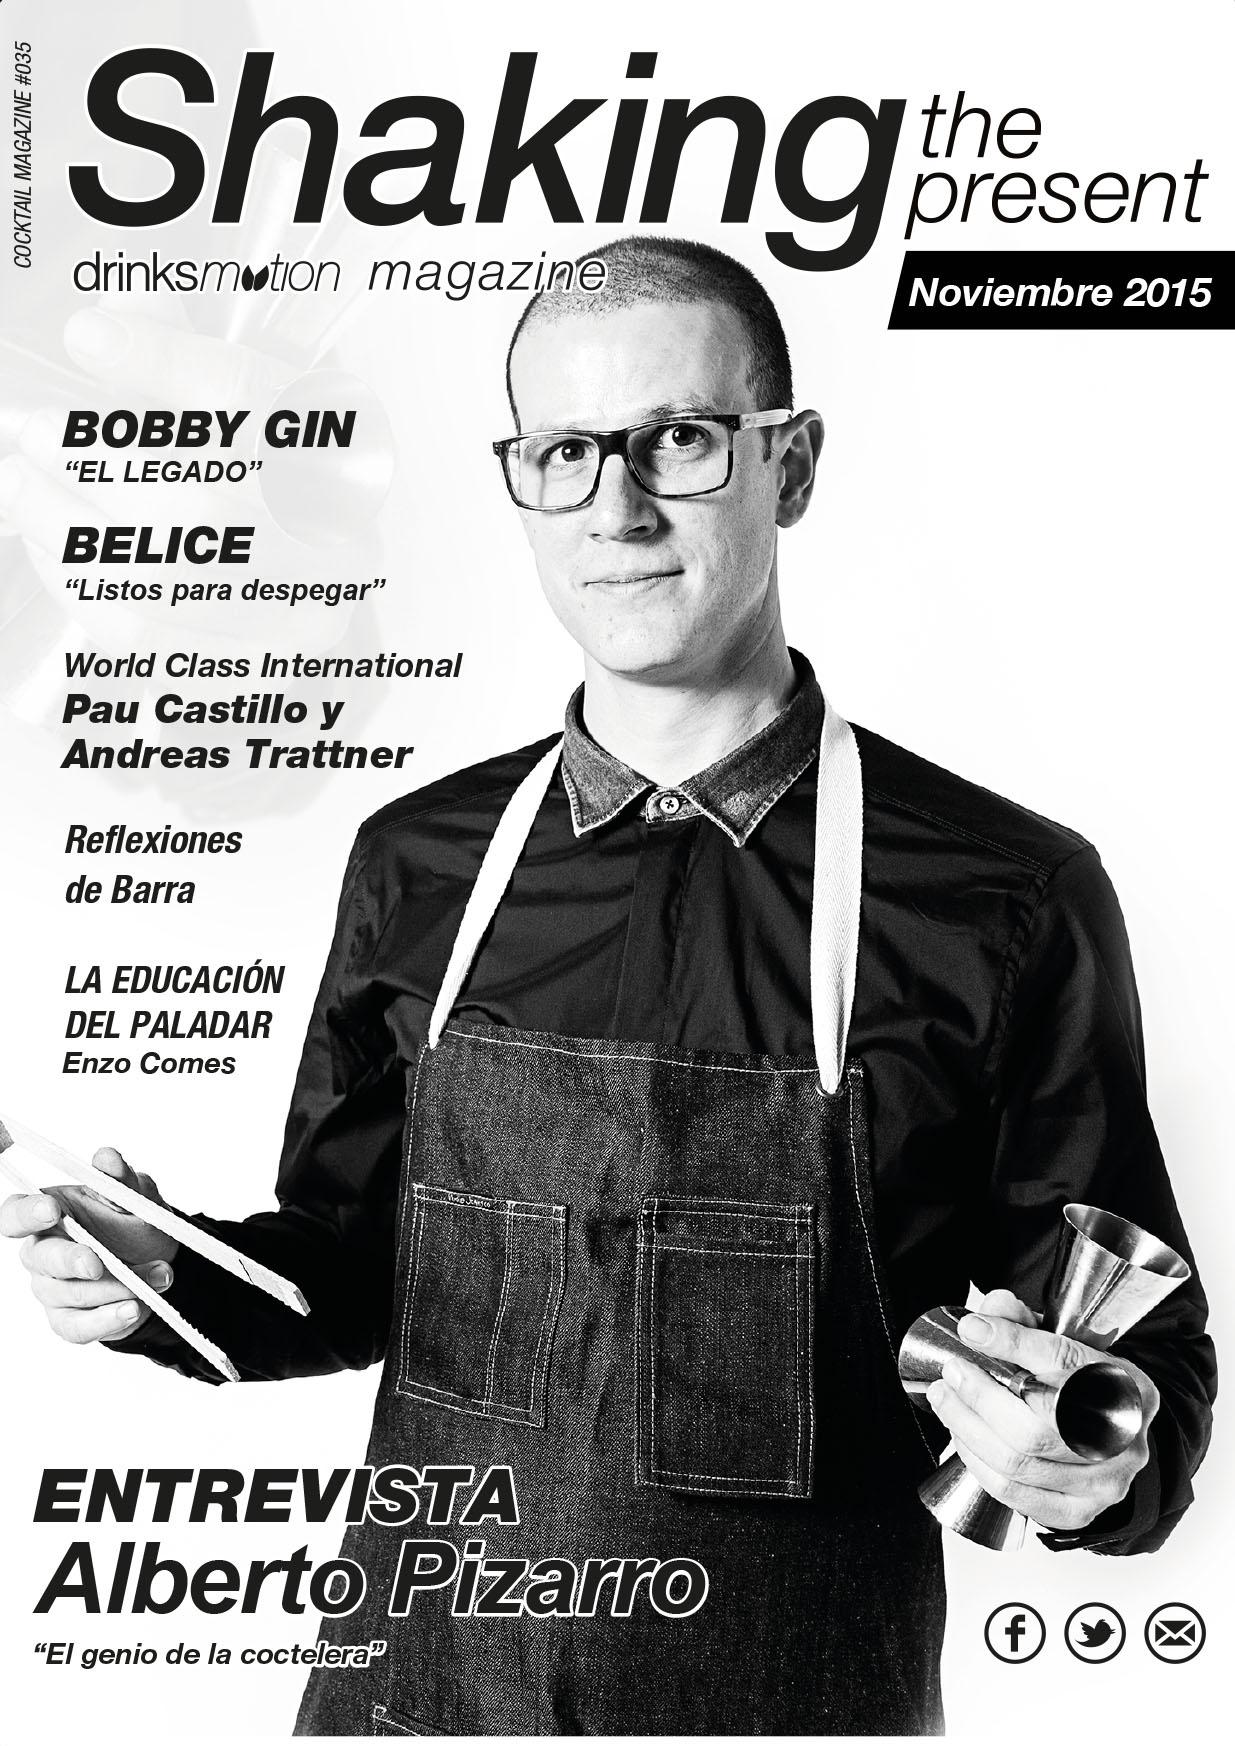 Magazine #24 Noviembre 2015 – Alberto Pizarro